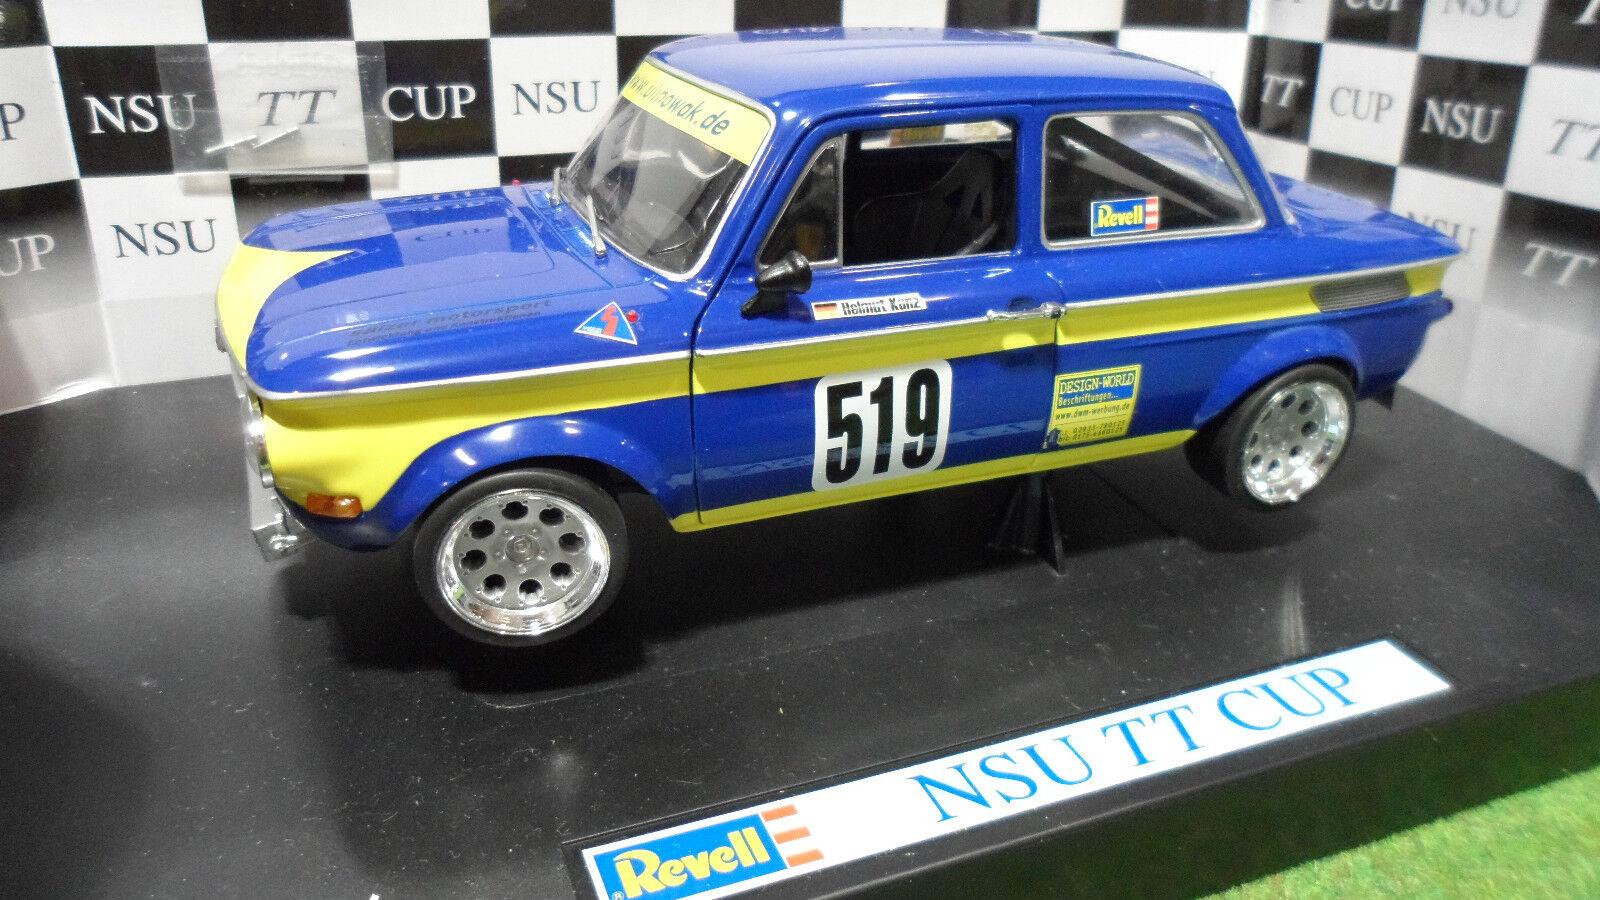 NSU TT CUP RACING  519 Bleu Helmut Kunz 1 18 REVELL 08458 voiture miniature